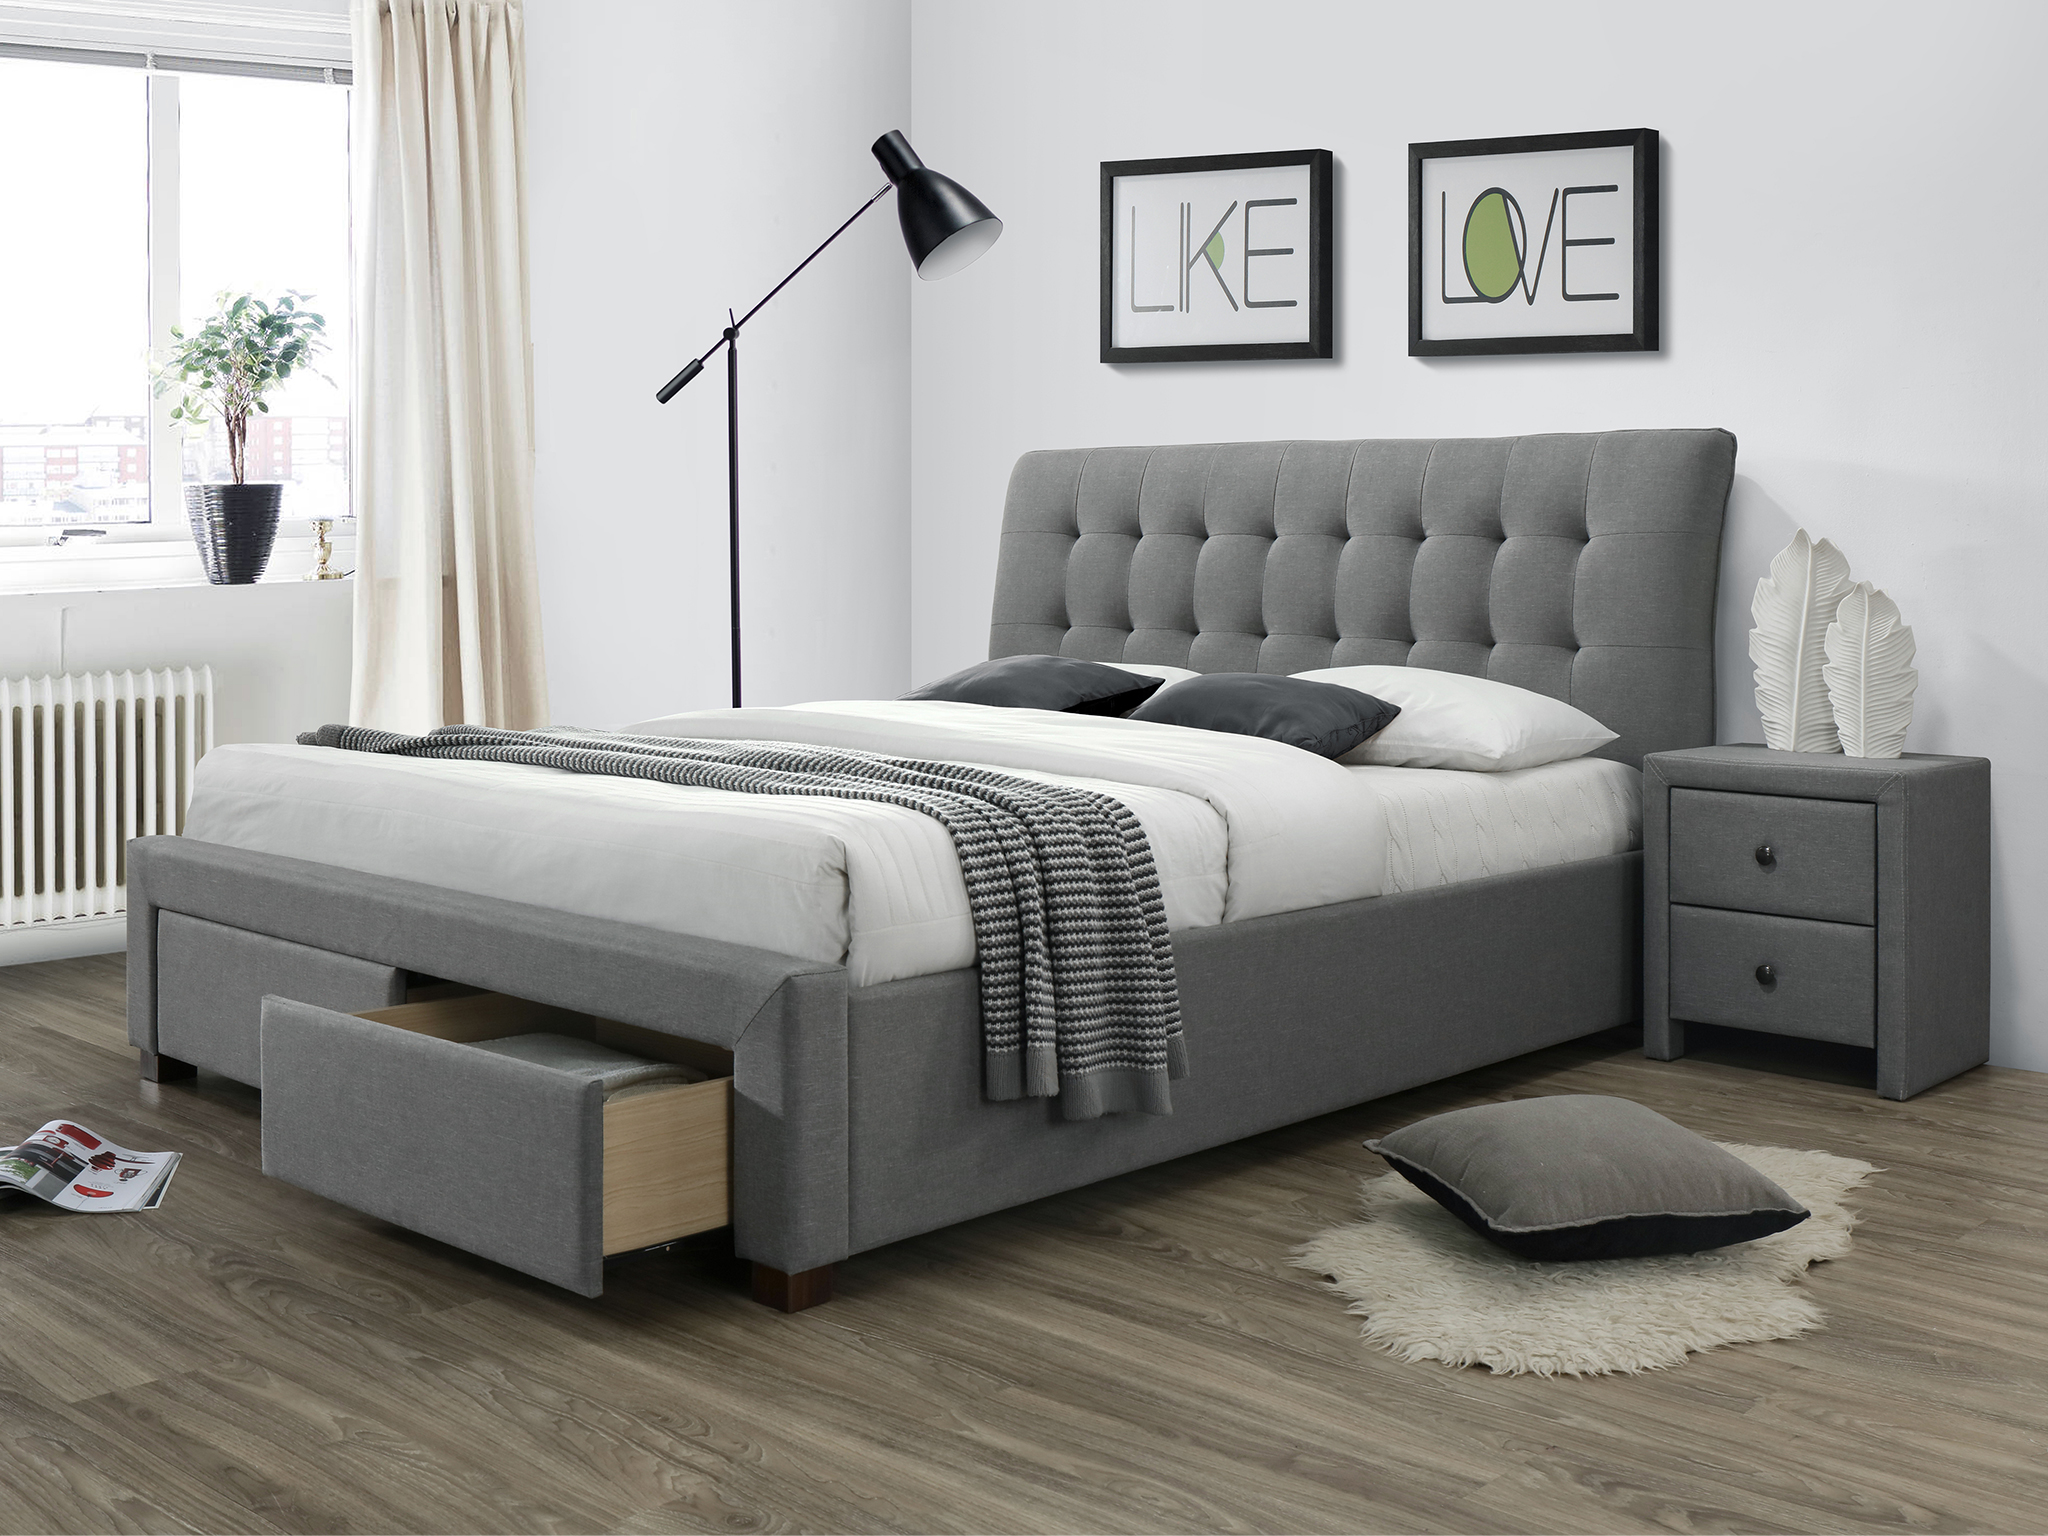 łóżko Tapicerowane Percy 160x200 Szare łoże Szuflady Halmar